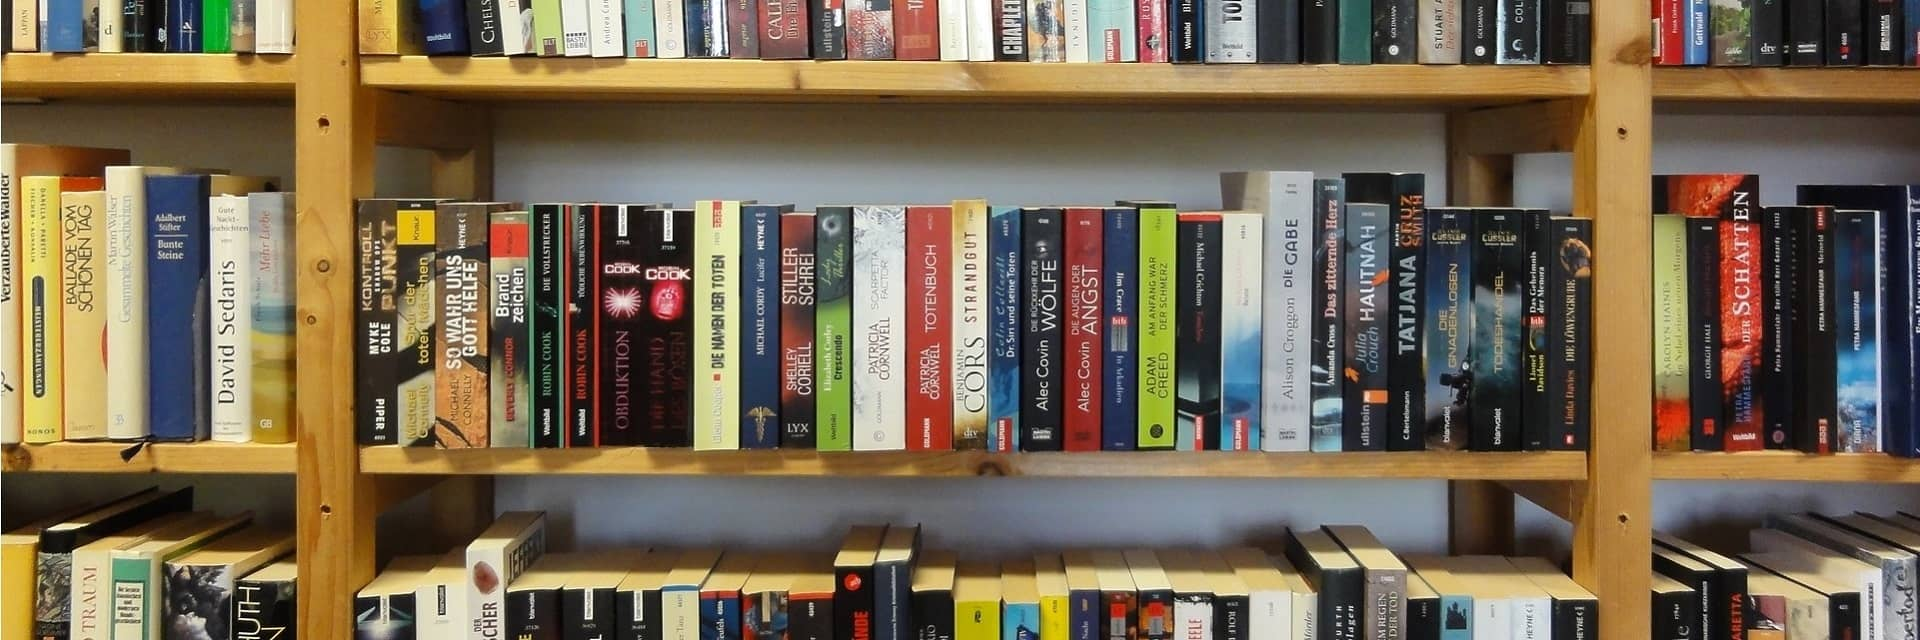 Deutsches-rotes-Kreuz-Bremen_Buchmarkt-lesen eingeschränkte Angebote, Notdienst und Schließungen